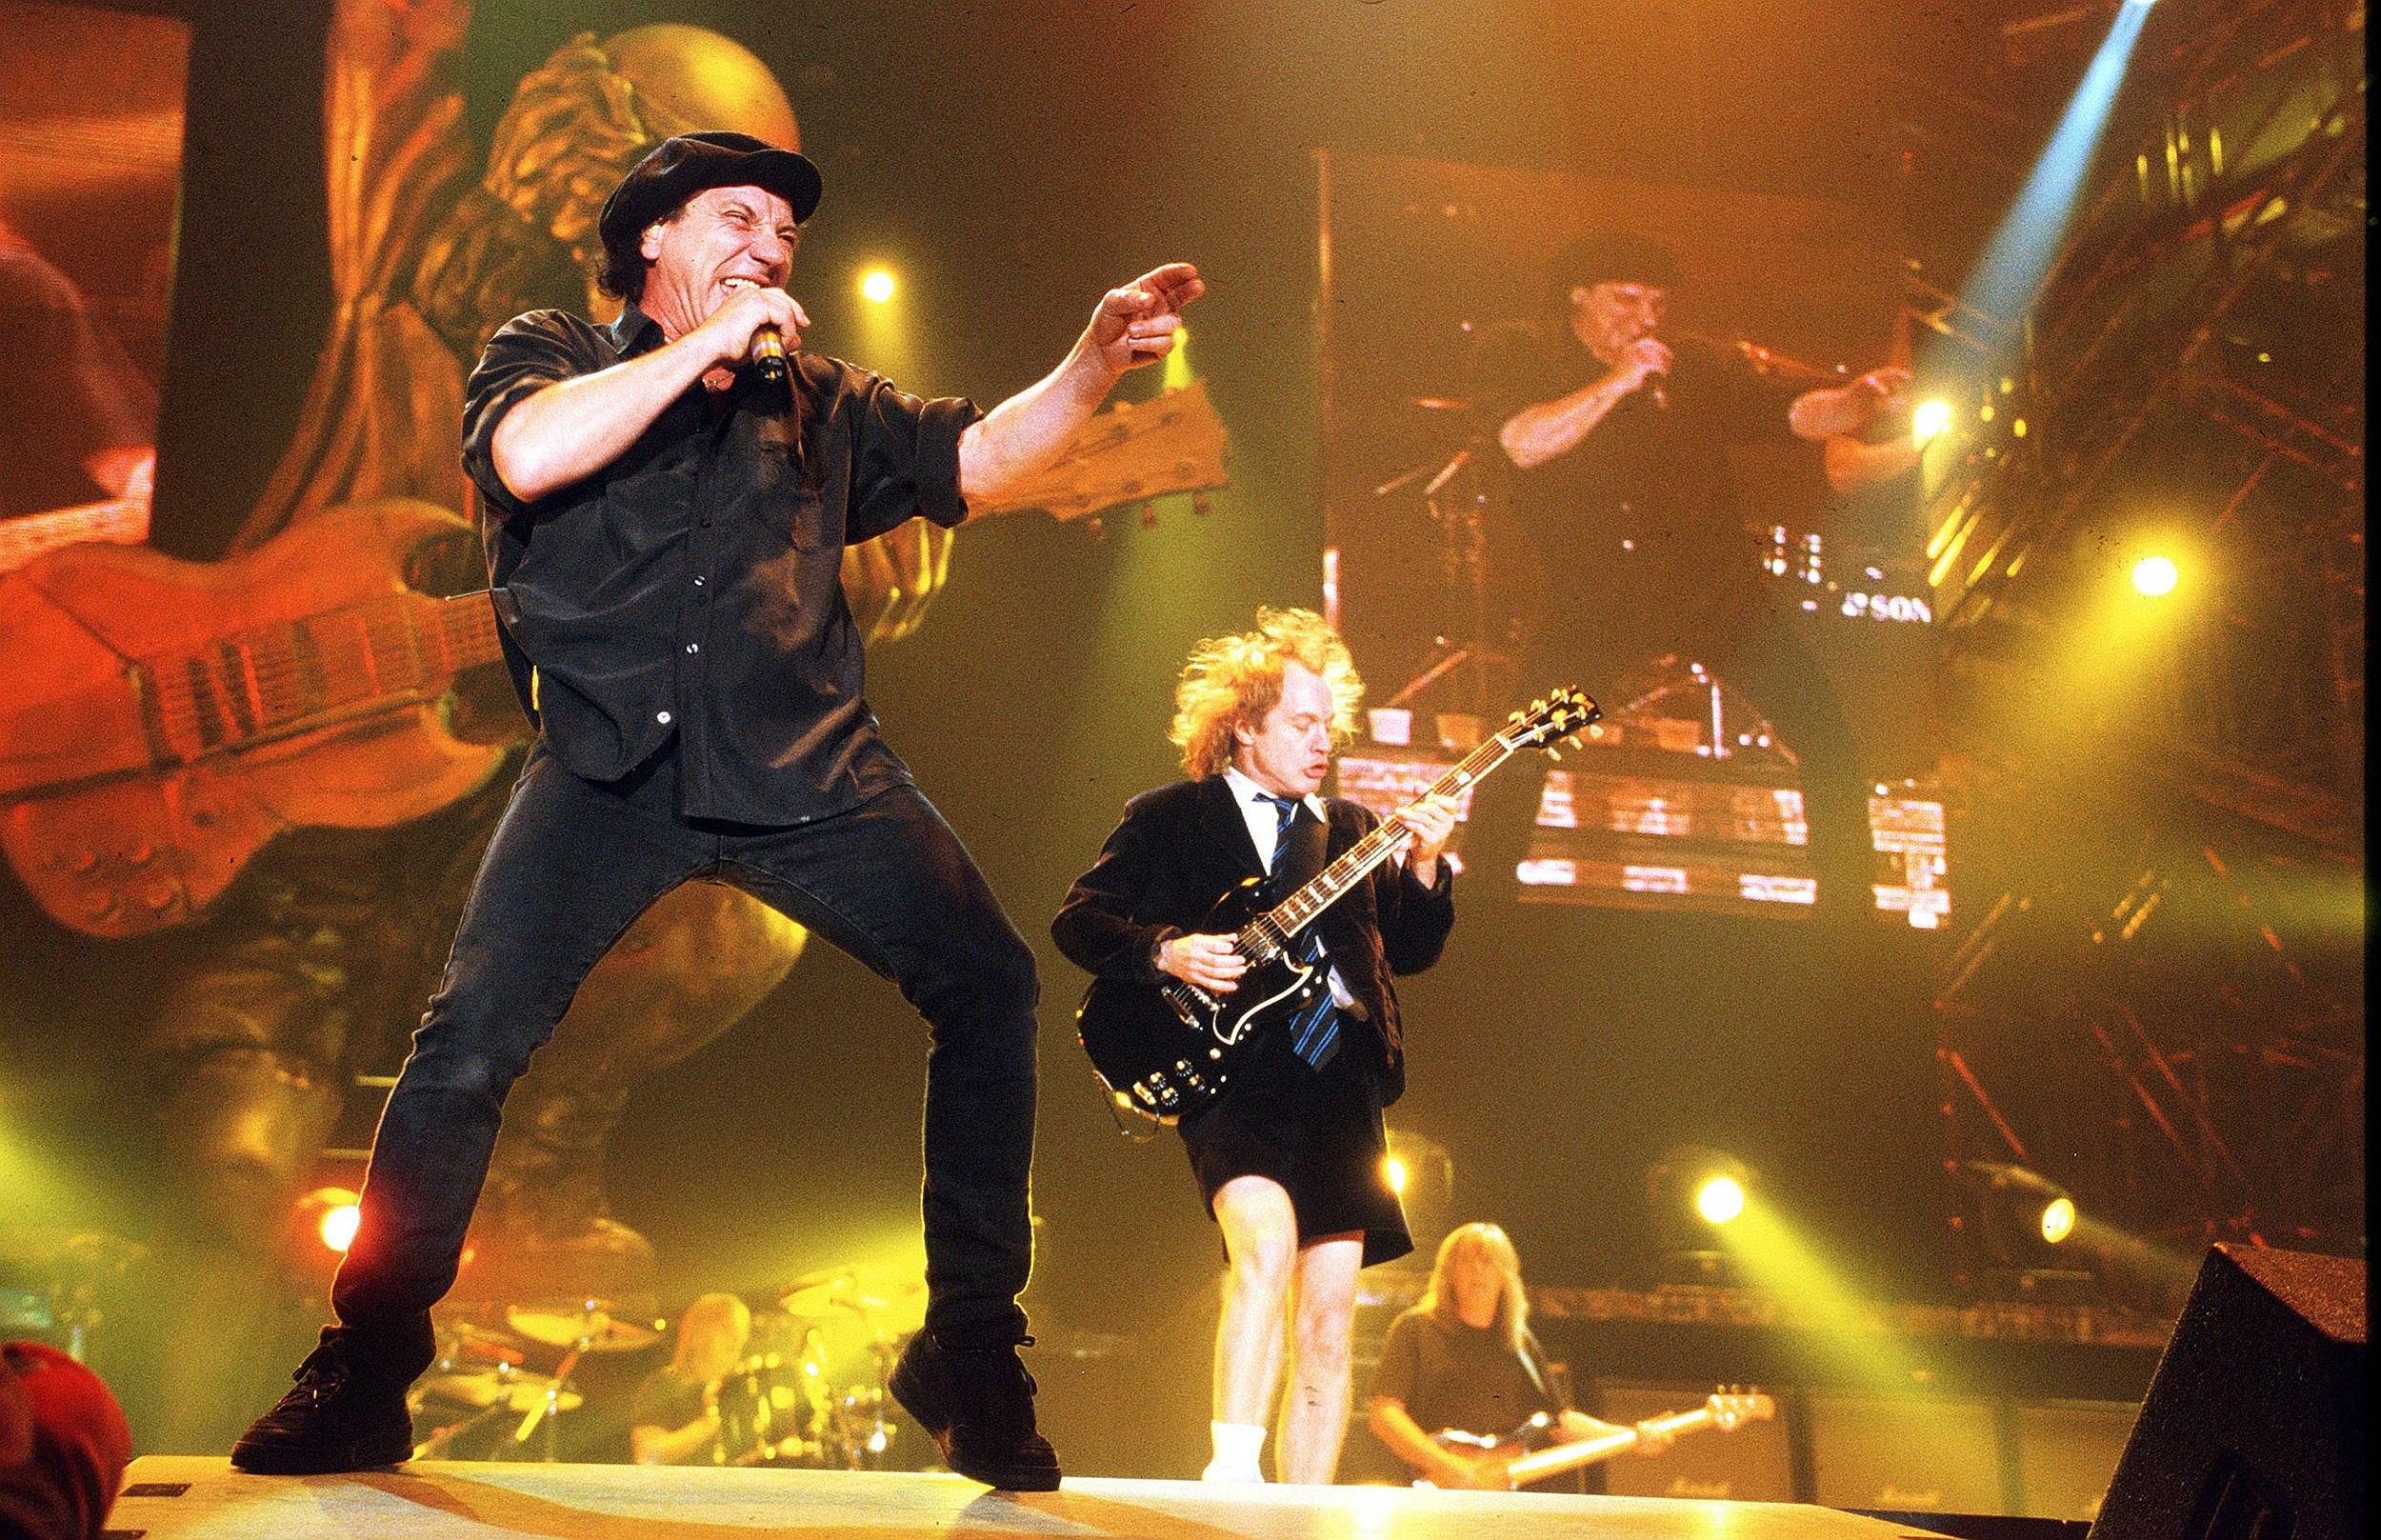 AC/DC and Van Halen benig very secretive